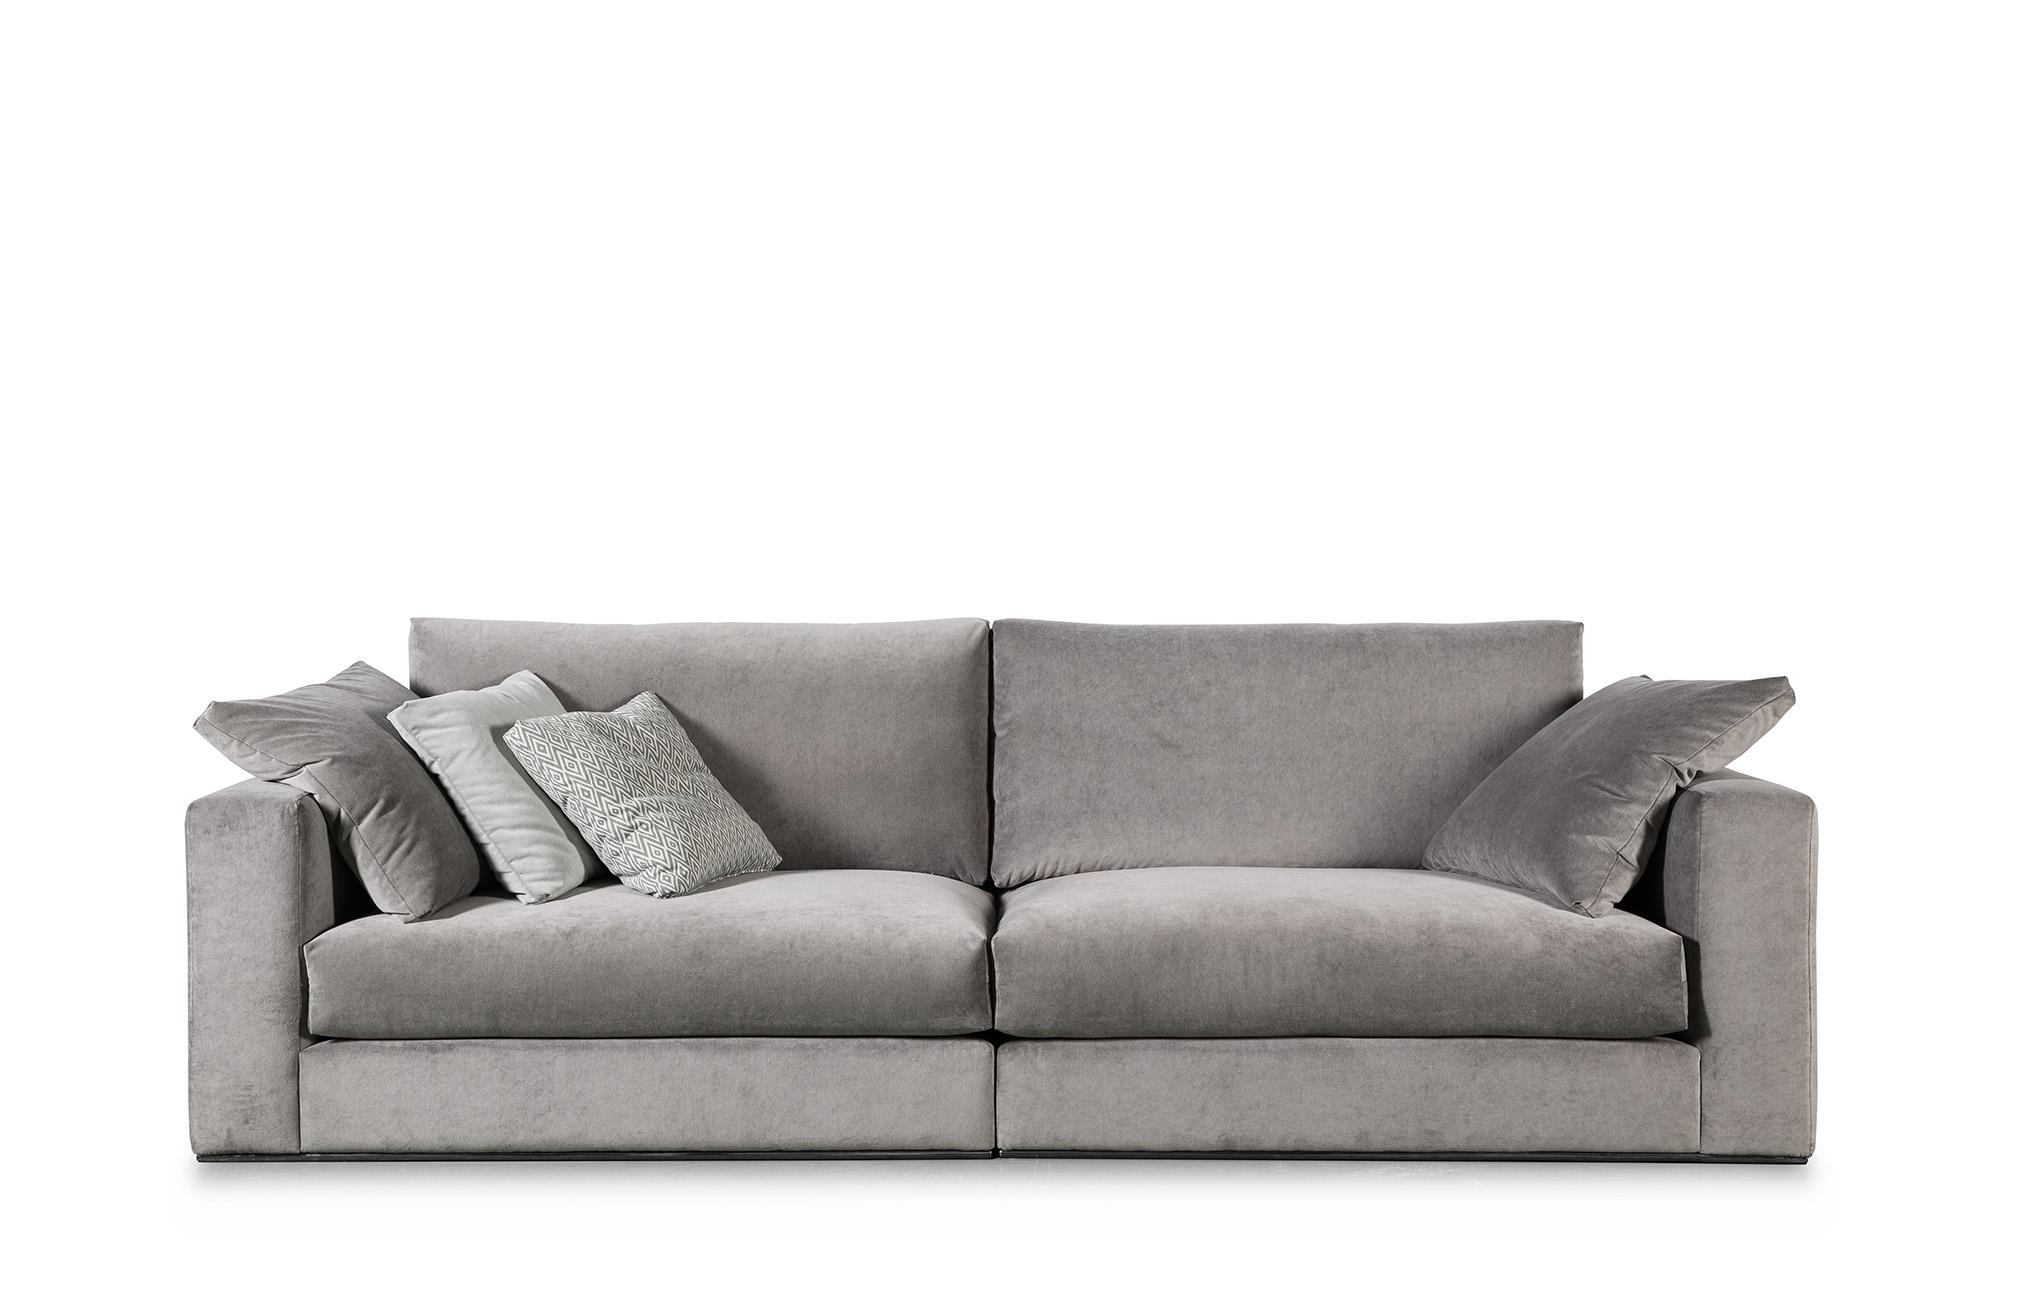 Muebles y sofas obtenga ideas dise o de muebles para su - Sofas cama galea ...